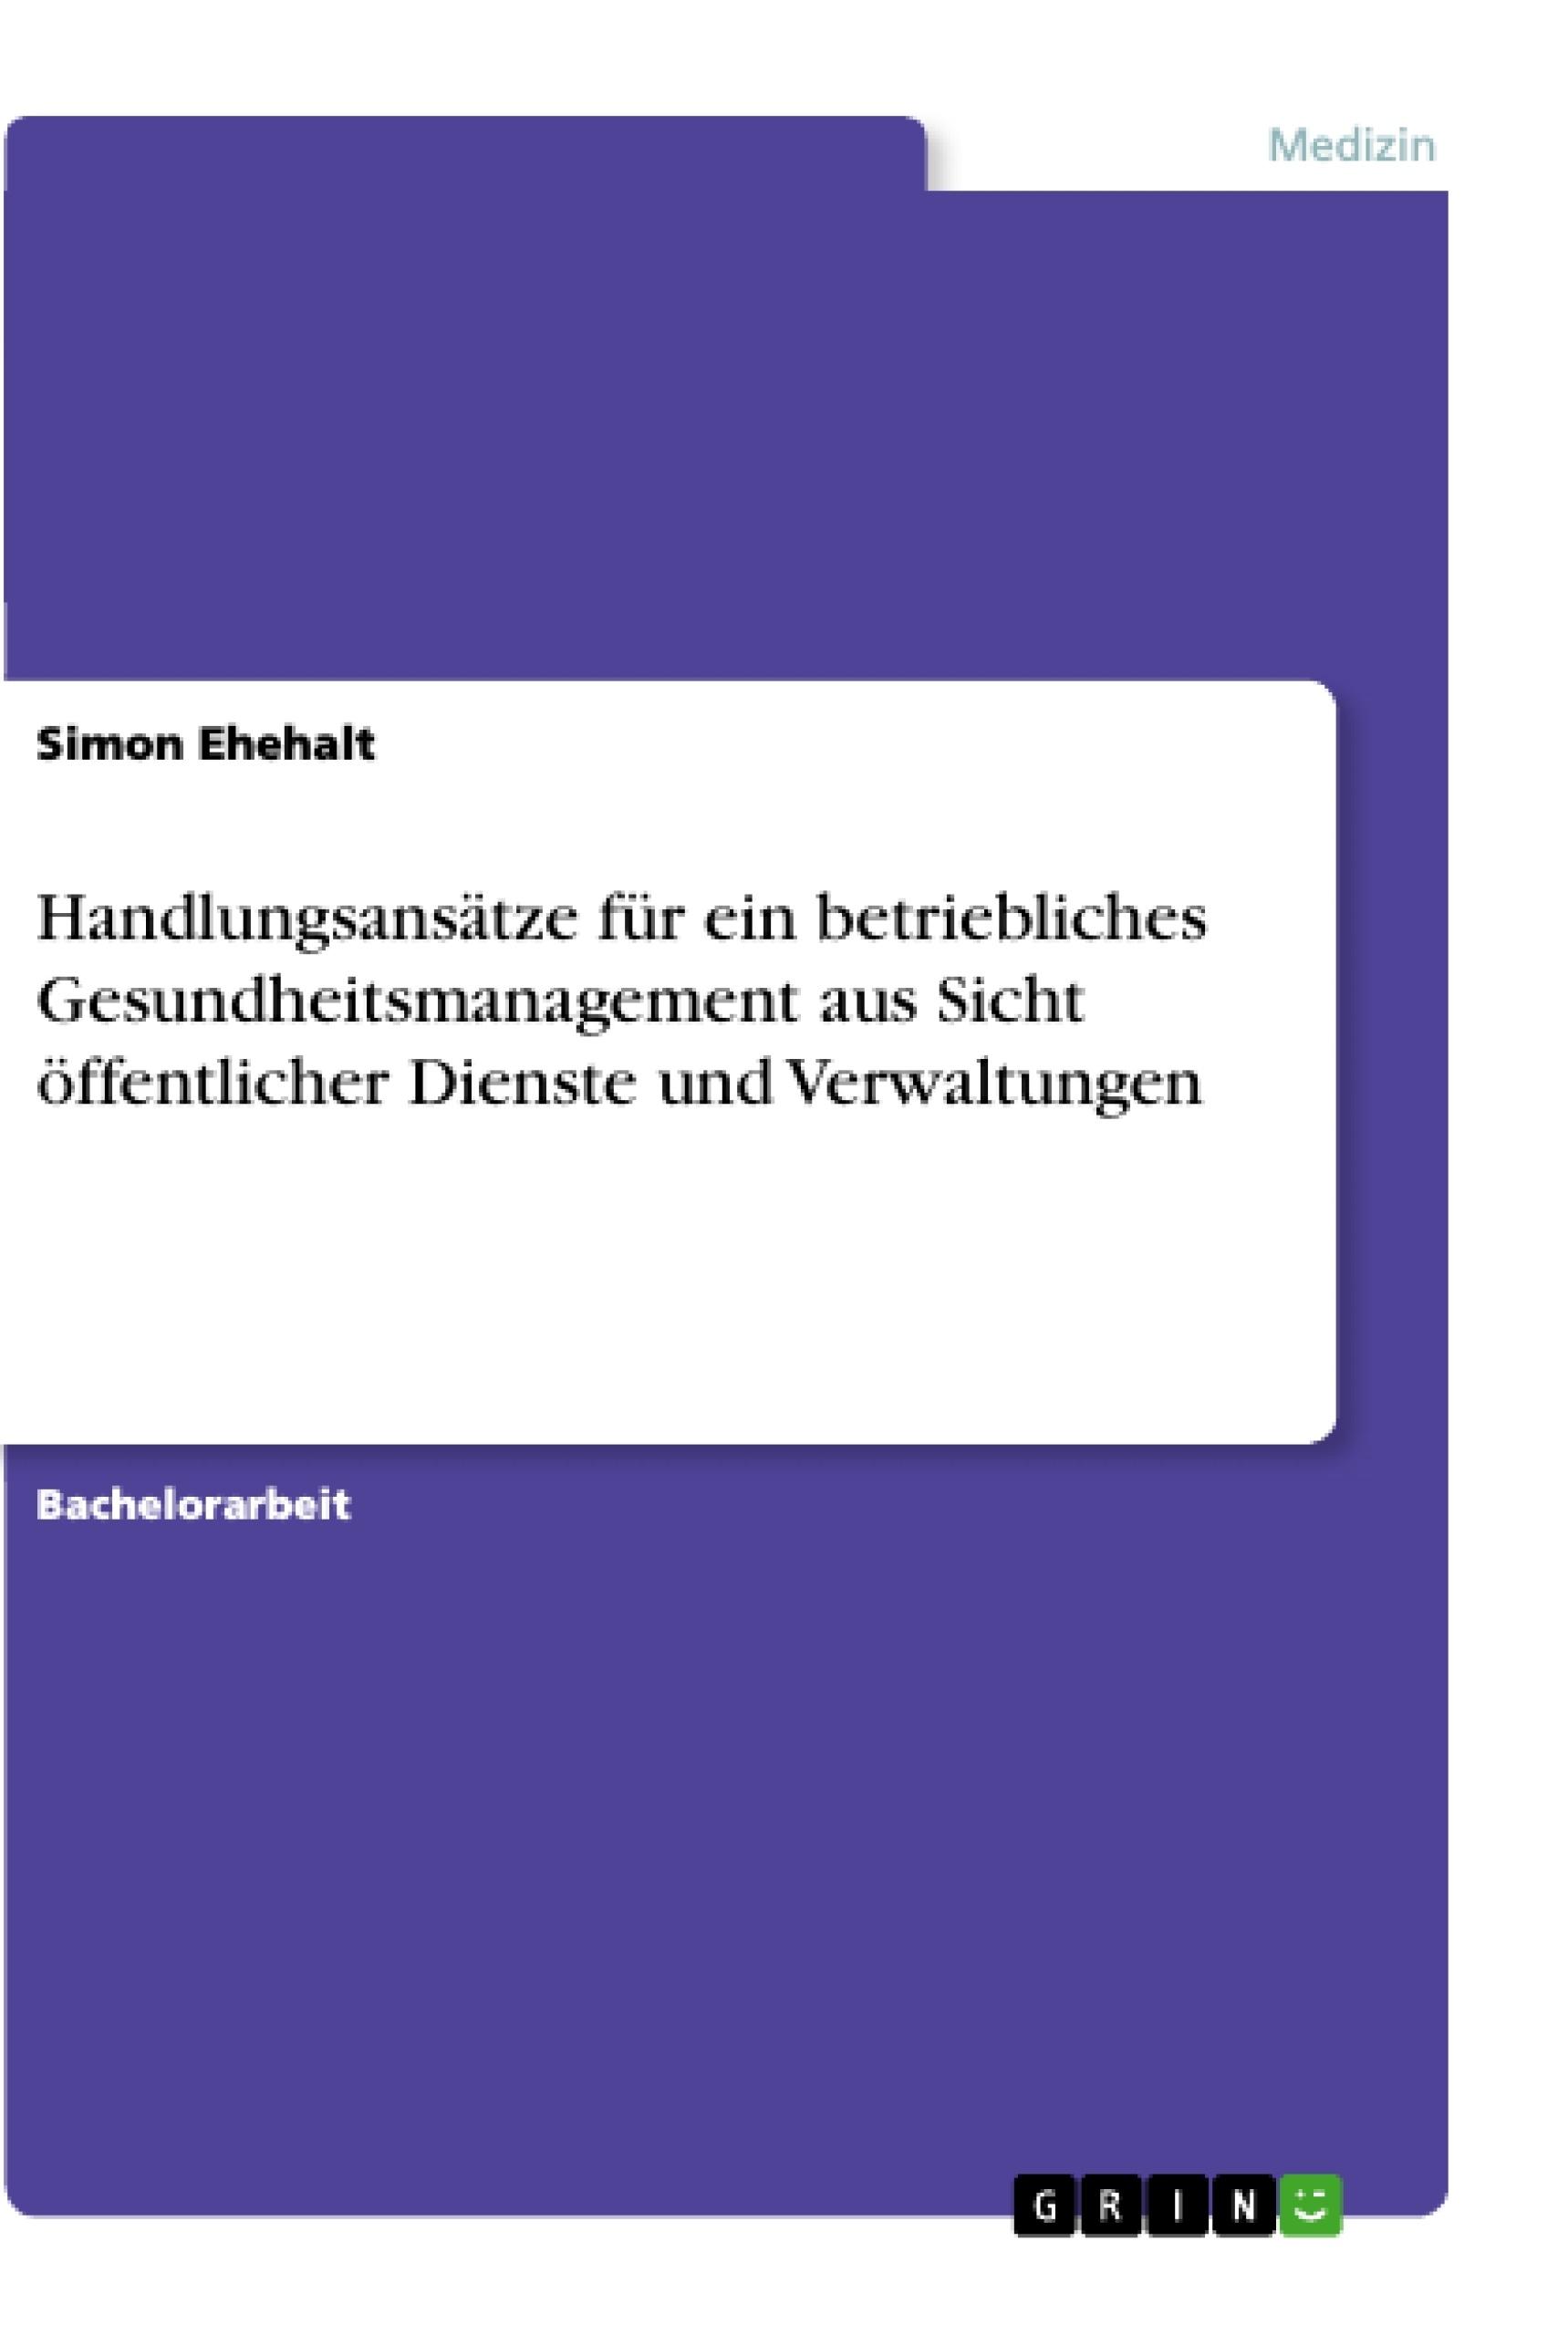 Titel: Handlungsansätze für ein betriebliches Gesundheitsmanagement aus Sicht öffentlicher Dienste und Verwaltungen